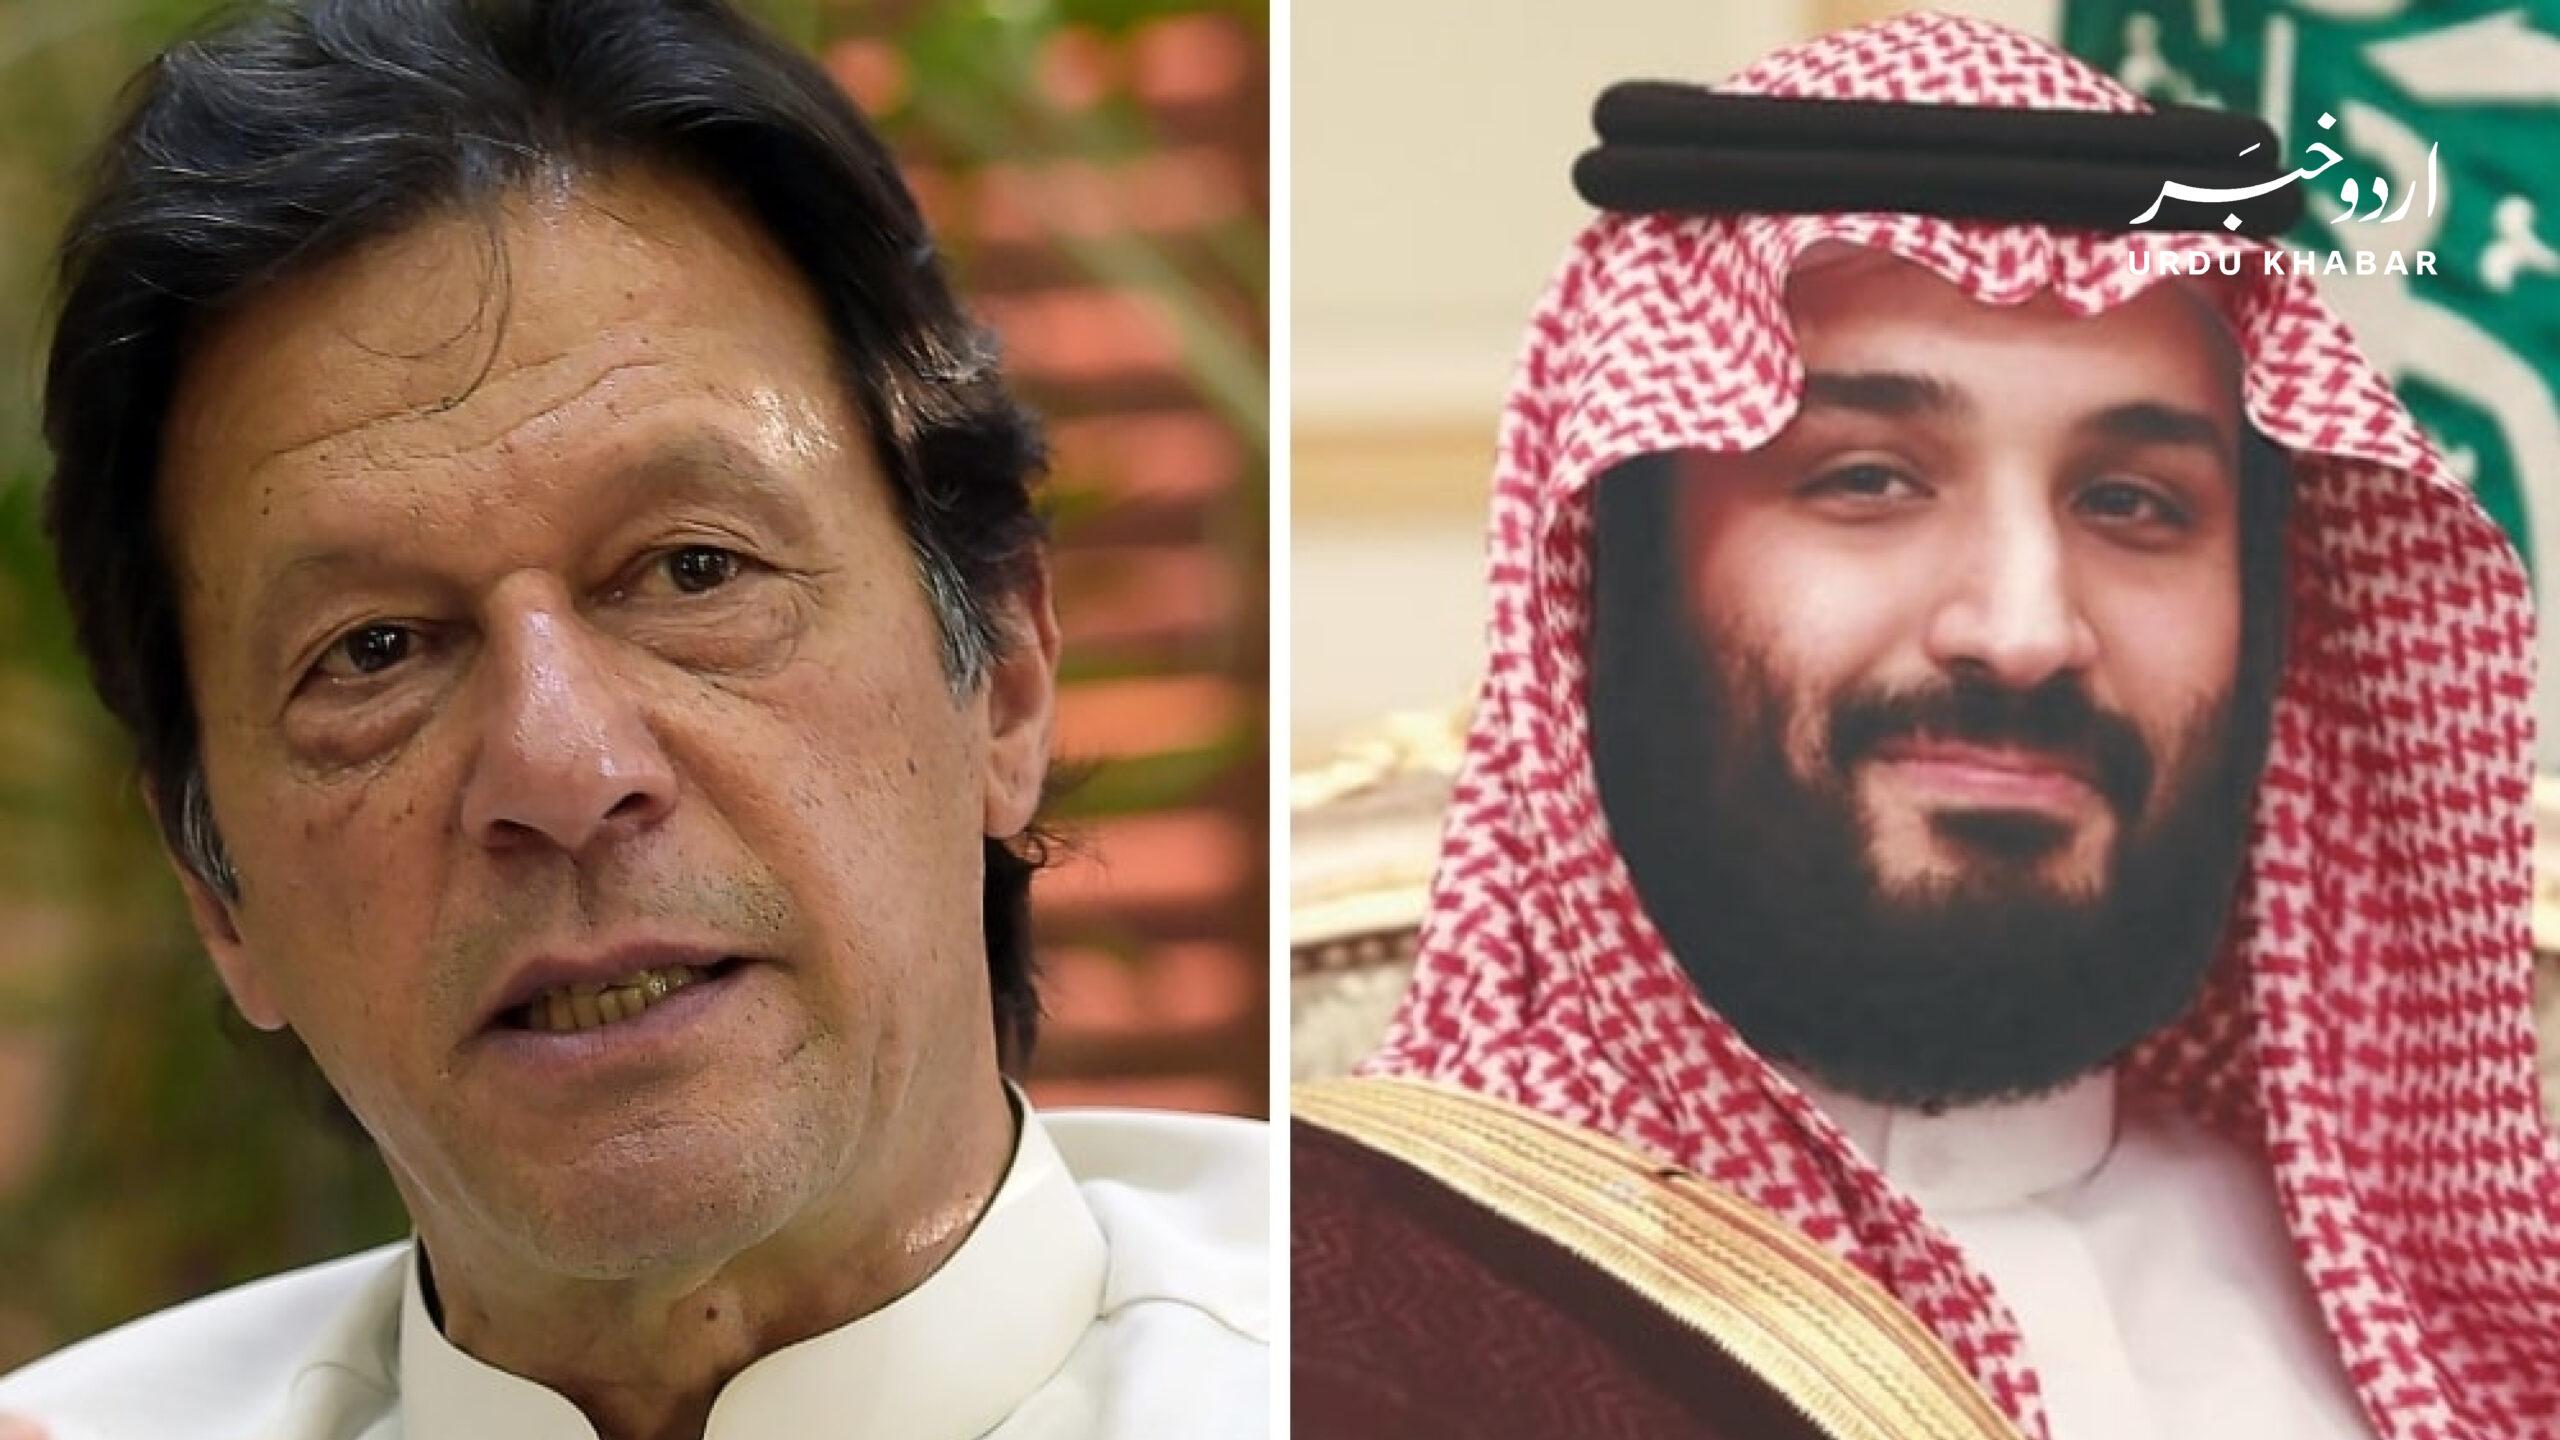 سعودی شہزادے کی عمران خان کو کال، ریاض آنے کی دعوت